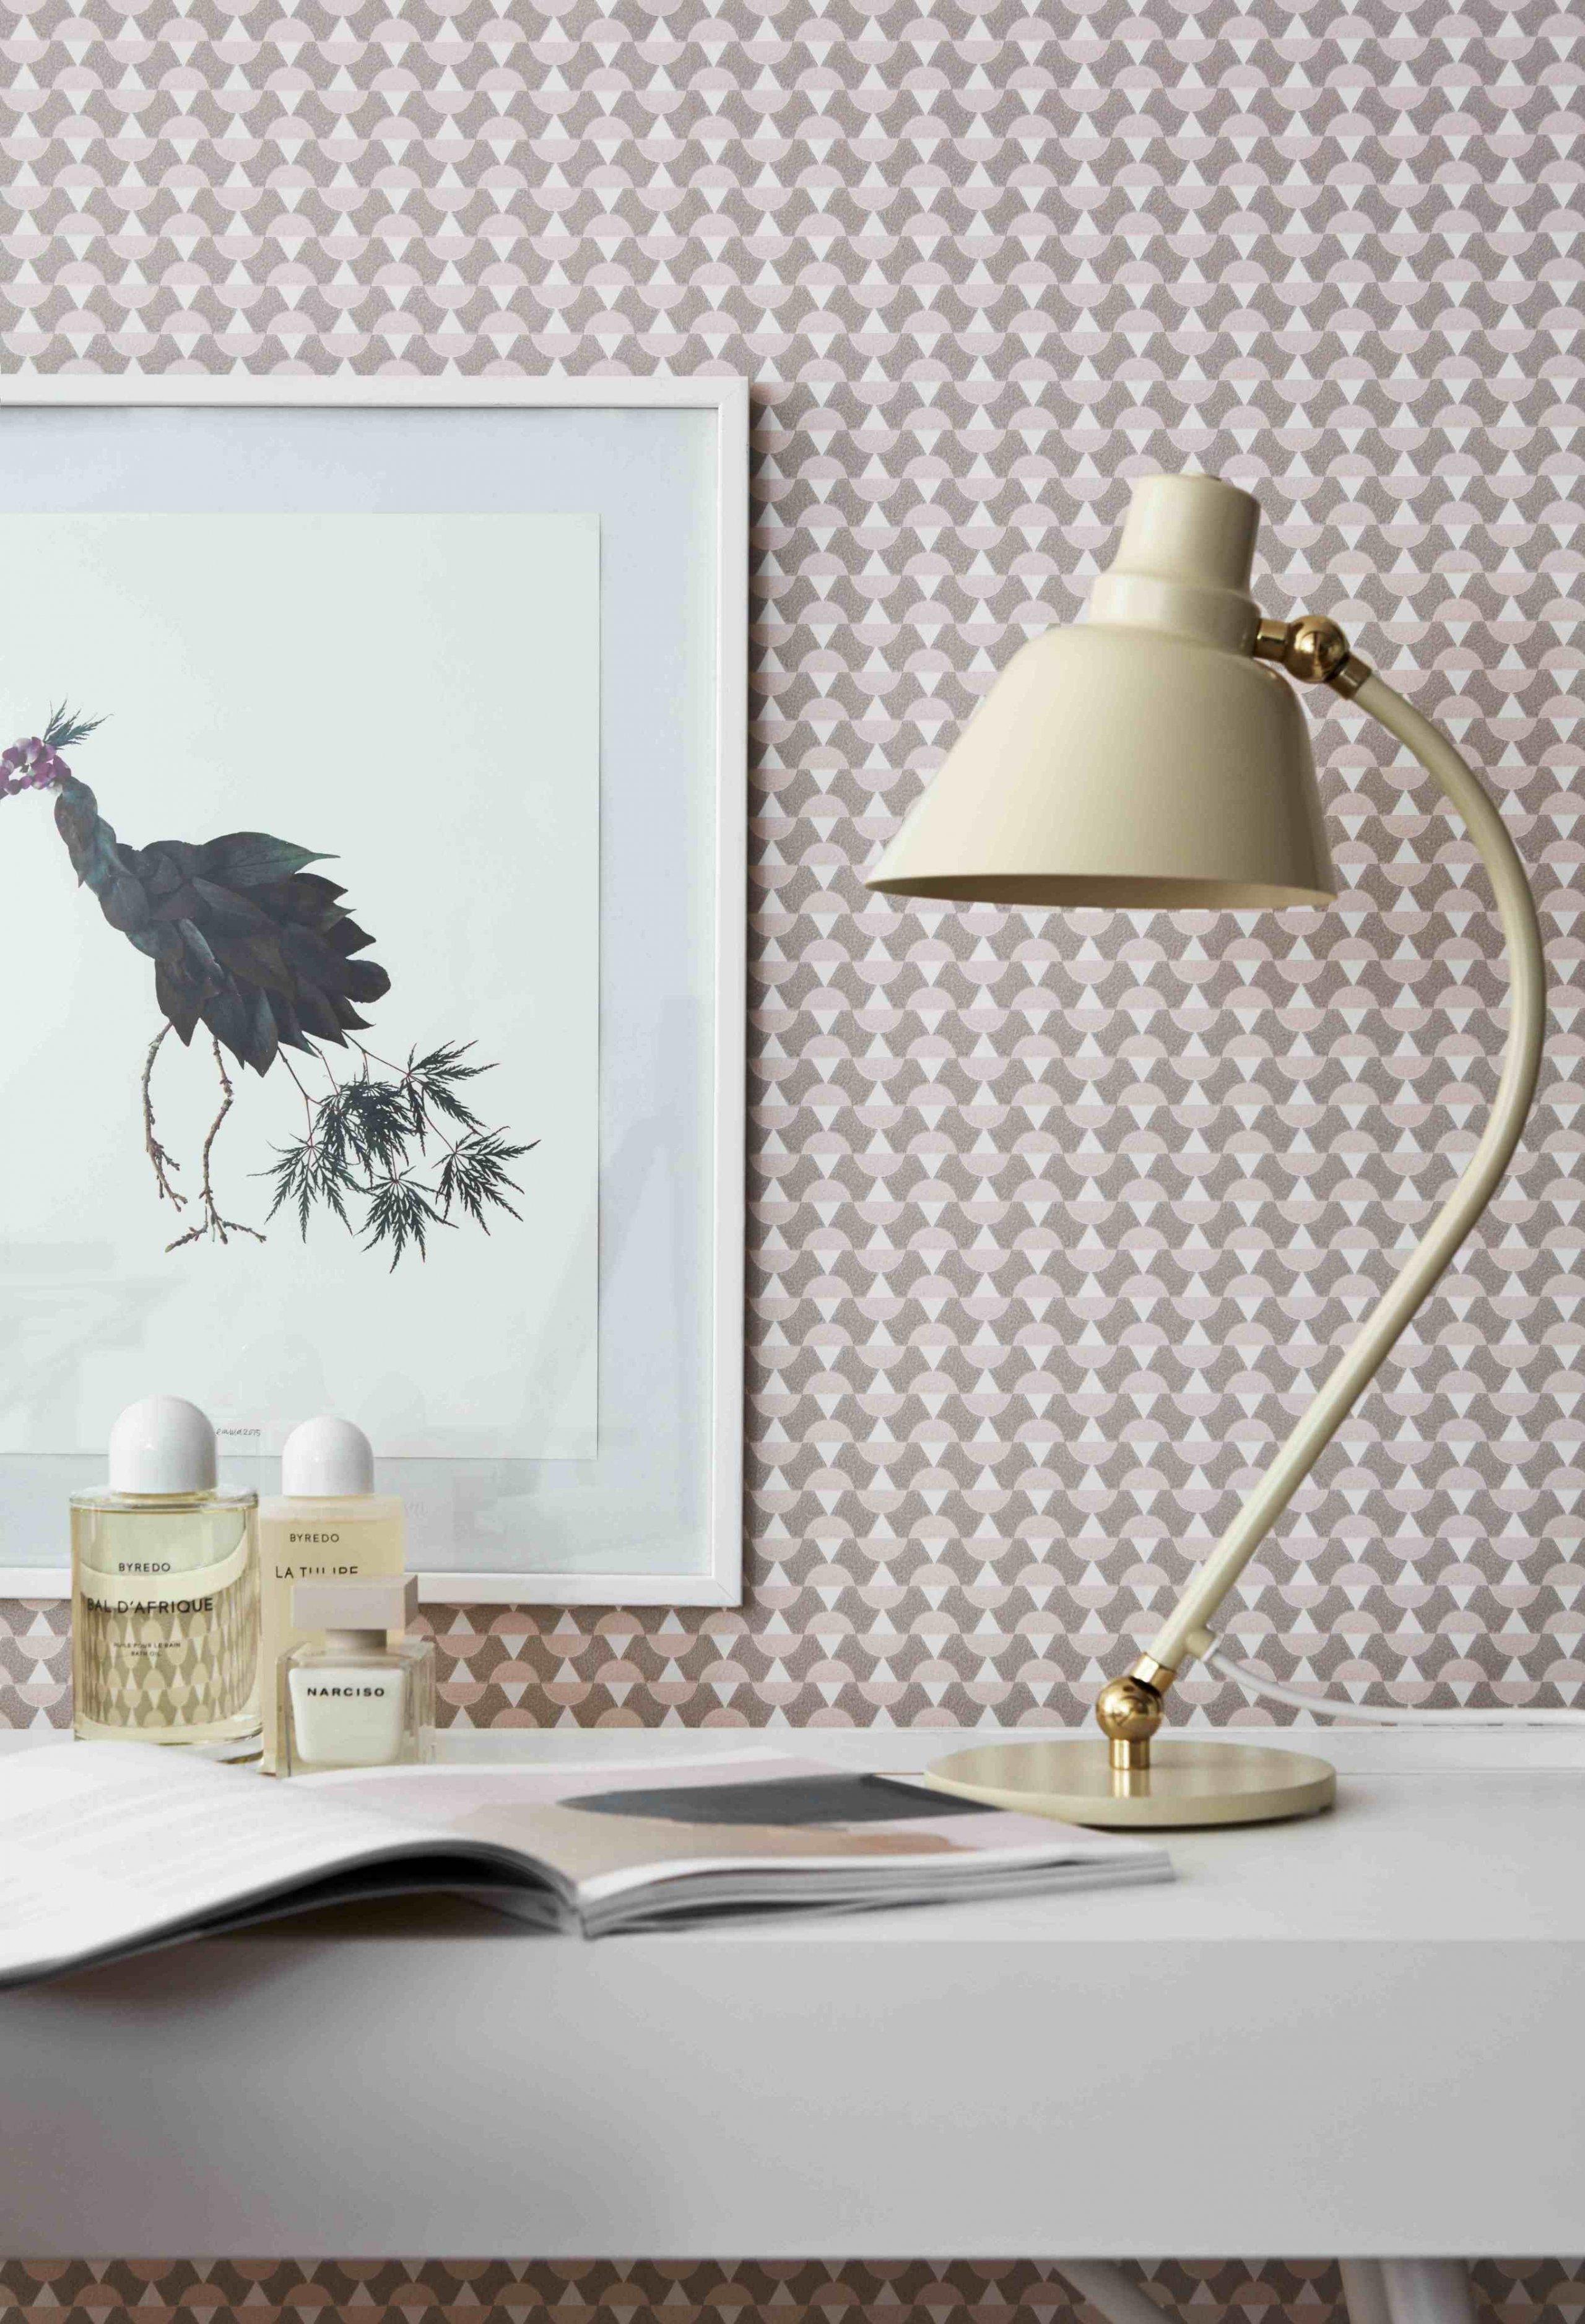 Moderní tapeta se stane ozdobou, která dokáže vyzdvihnout vaše doplňky a dekorace.